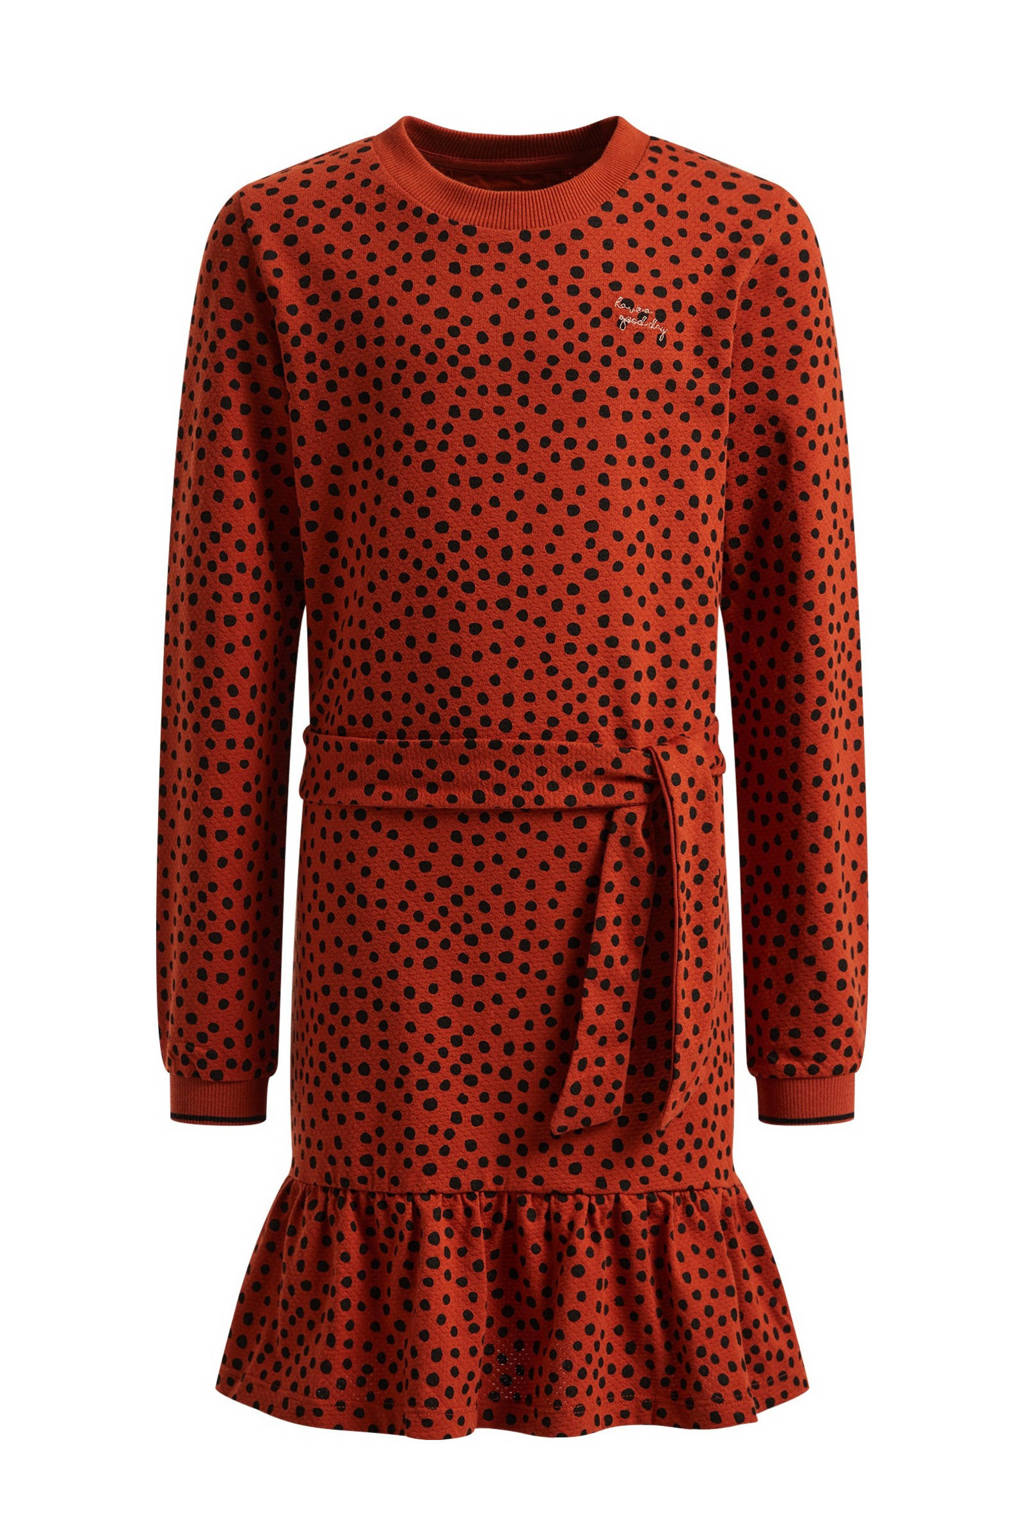 WE Fashion jurk met stippen en ruches donkerrood/oranje, Donkerrood/oranje